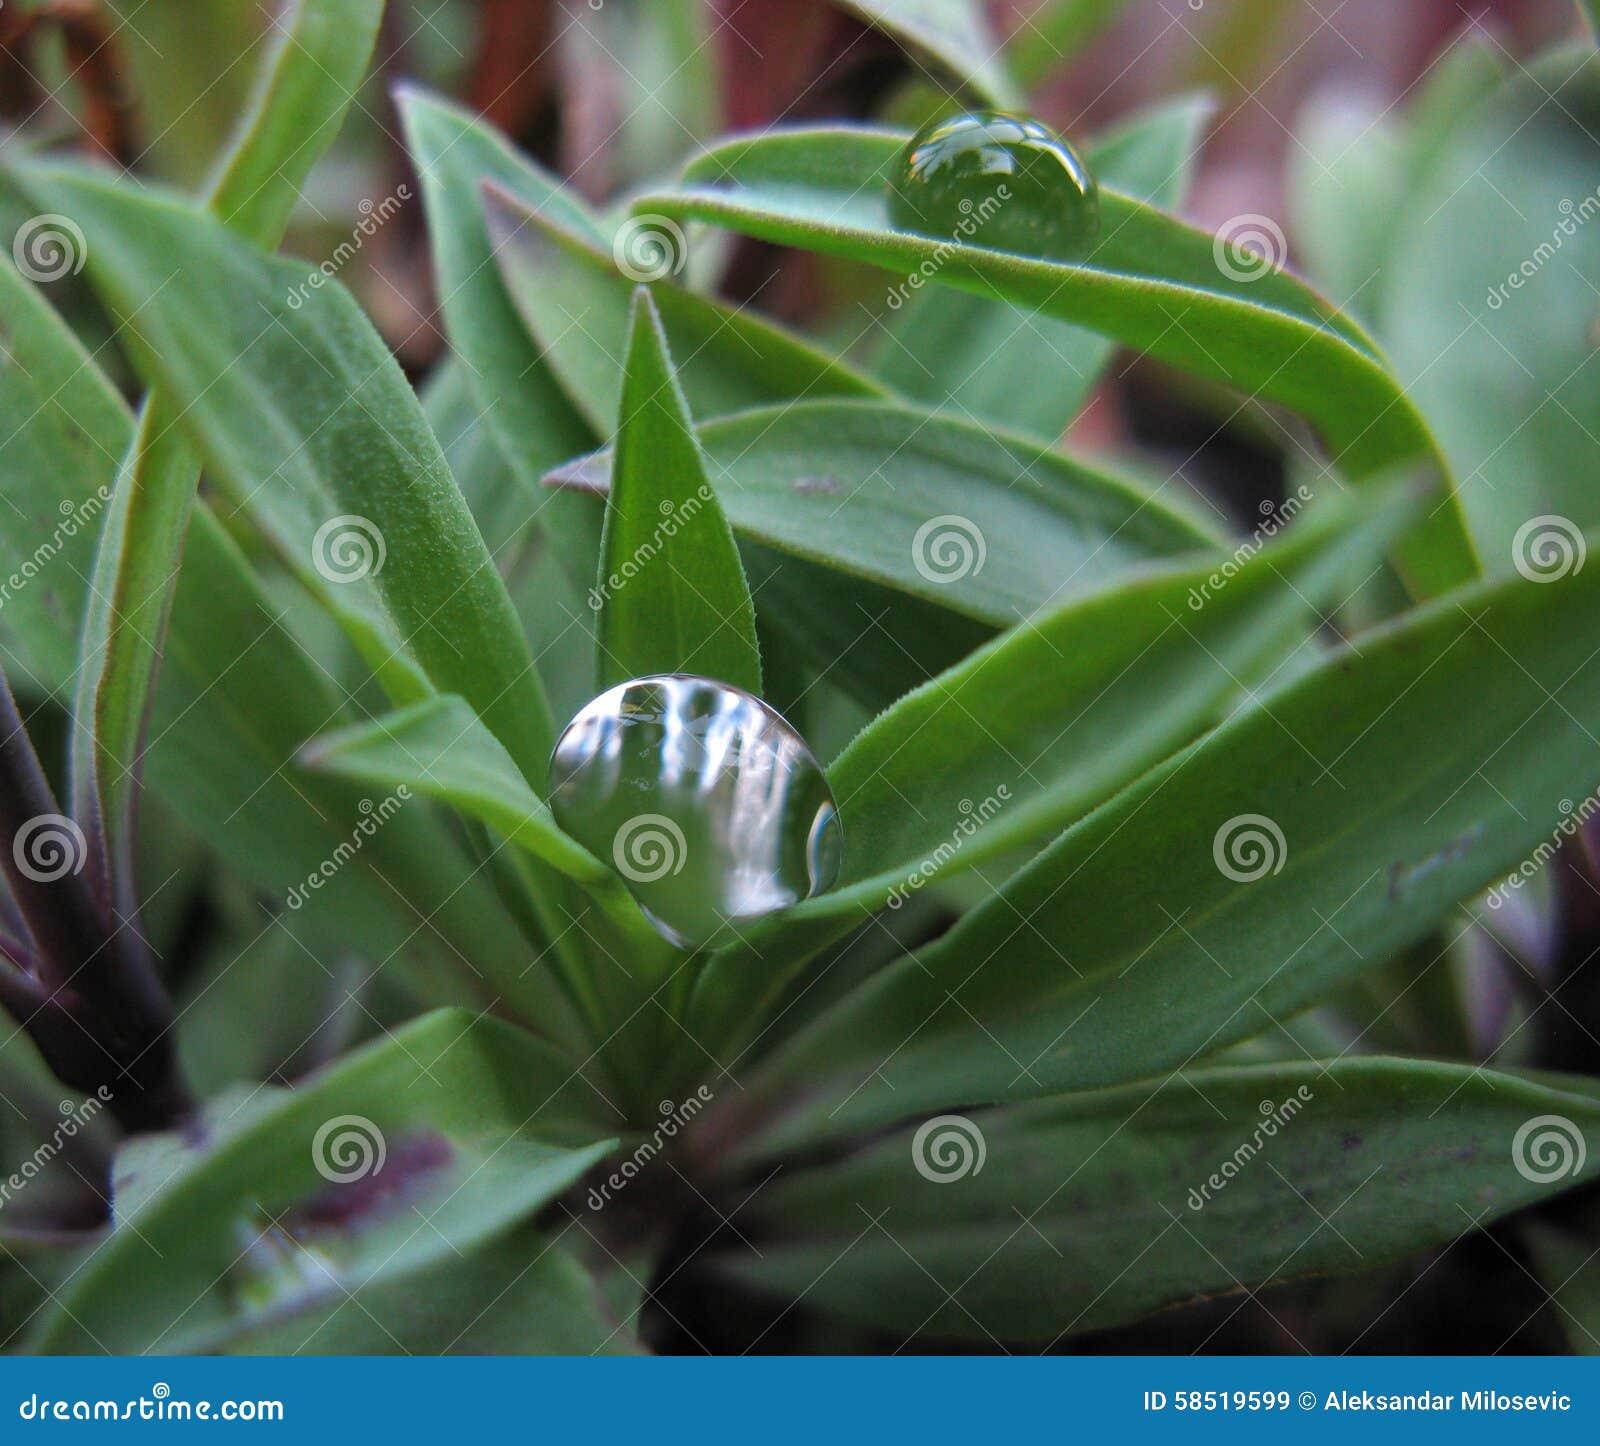 Raindrop on leaves